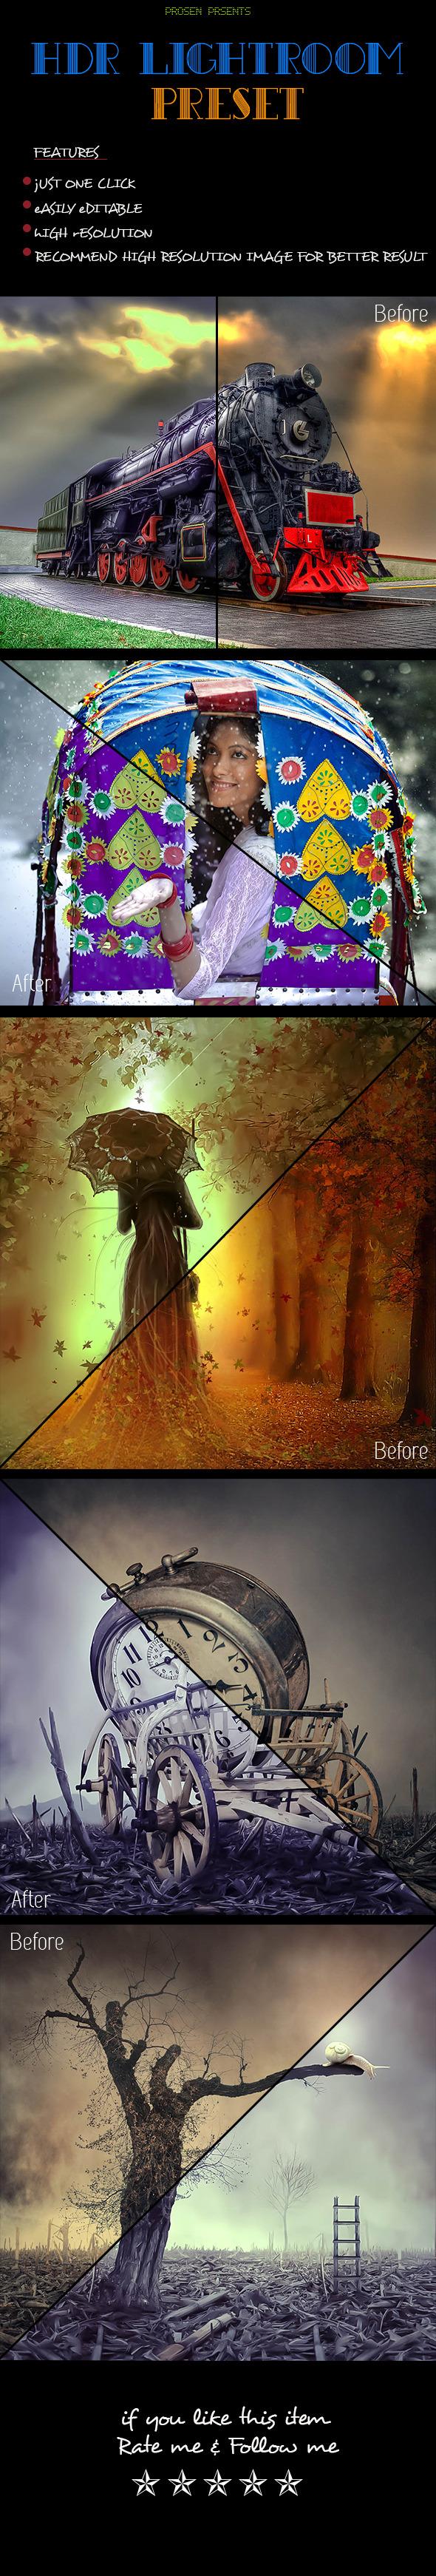 GraphicRiver HDR Lightroom Preset 10436148